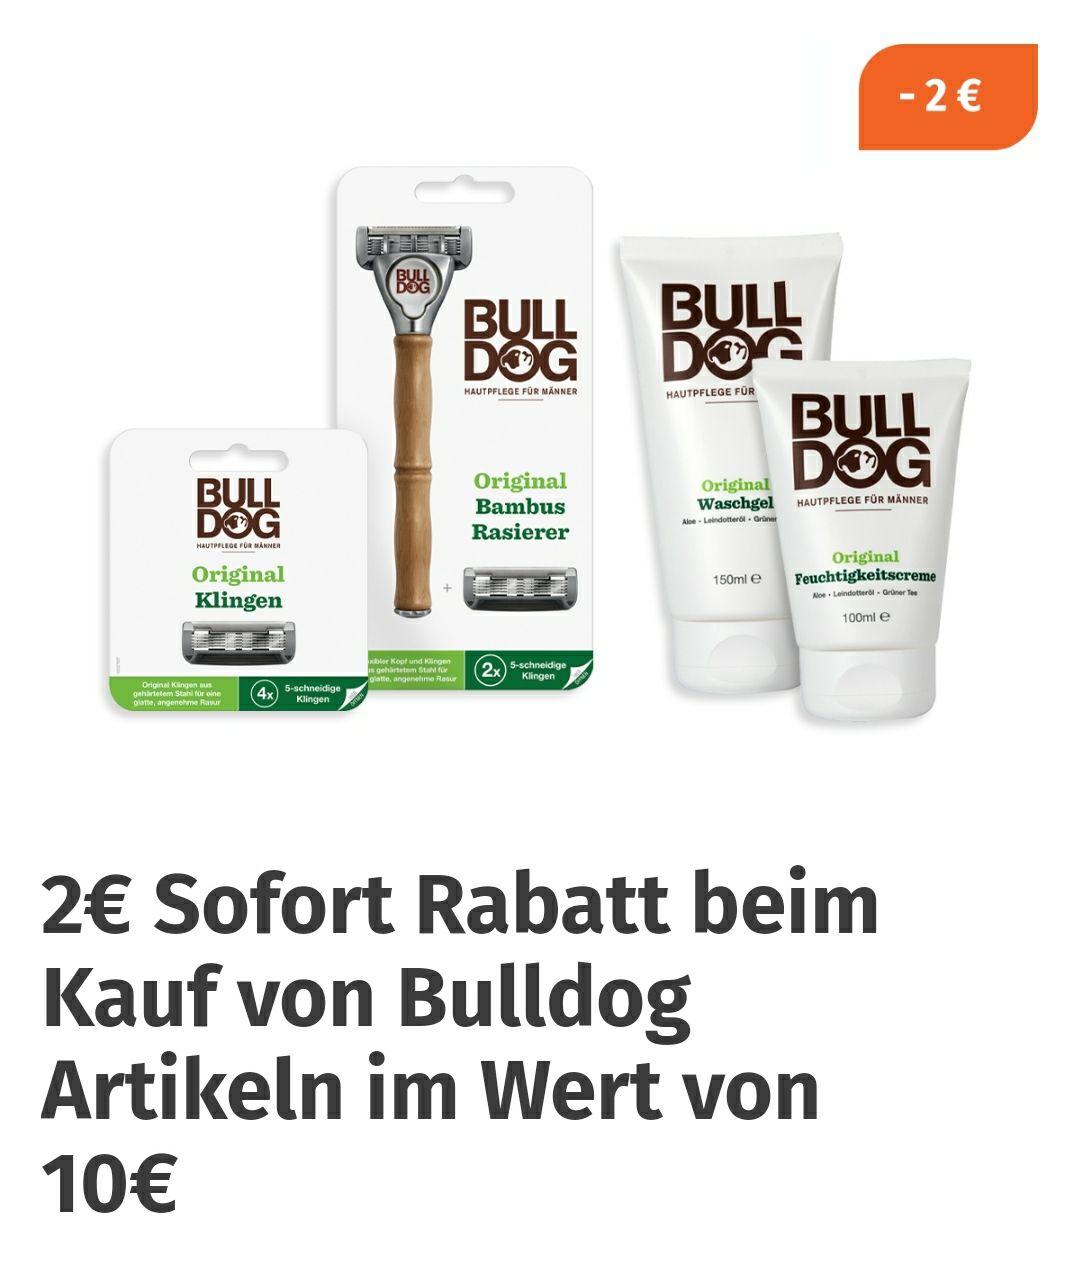 2 Euro Sofortrabatt auf alle Bulldog-Artikel in der Müller-App